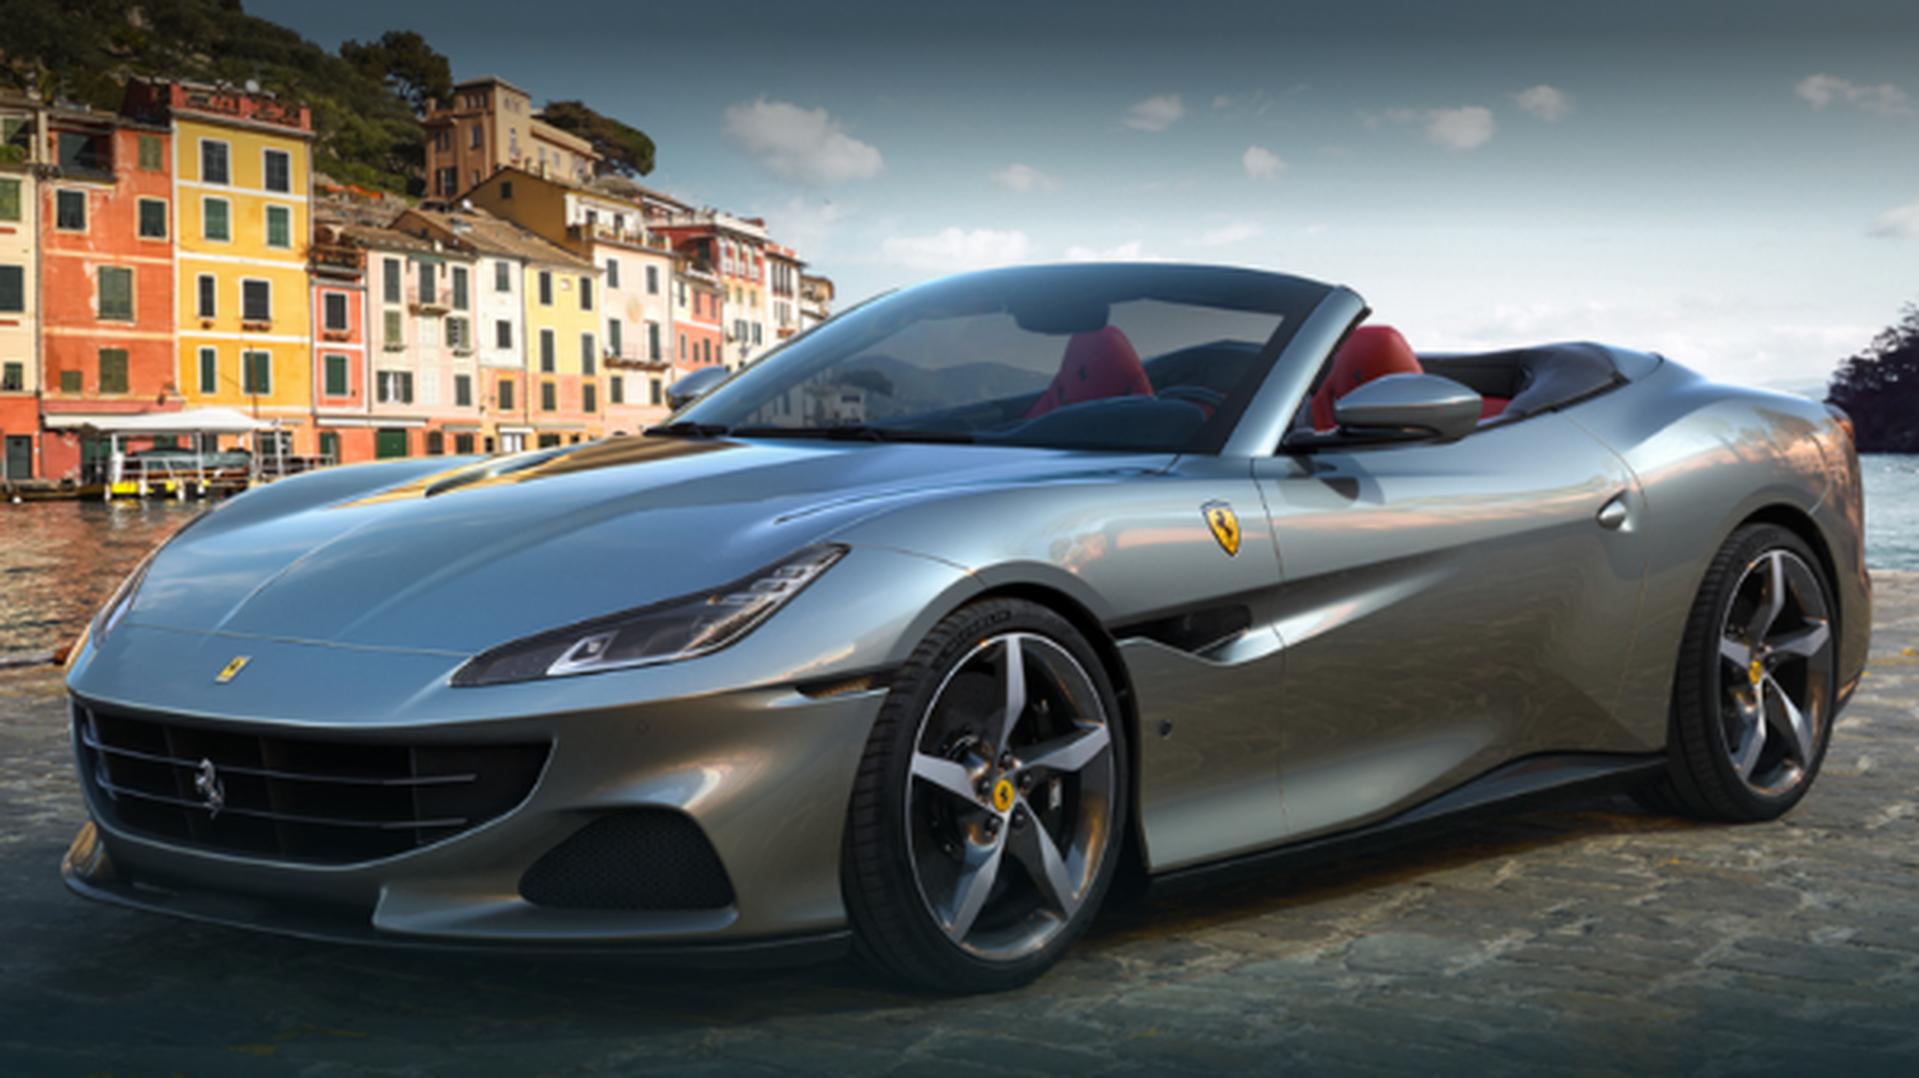 ΦΩΤΟ: Η καλύτερη Ferrari που έγινε ποτέ